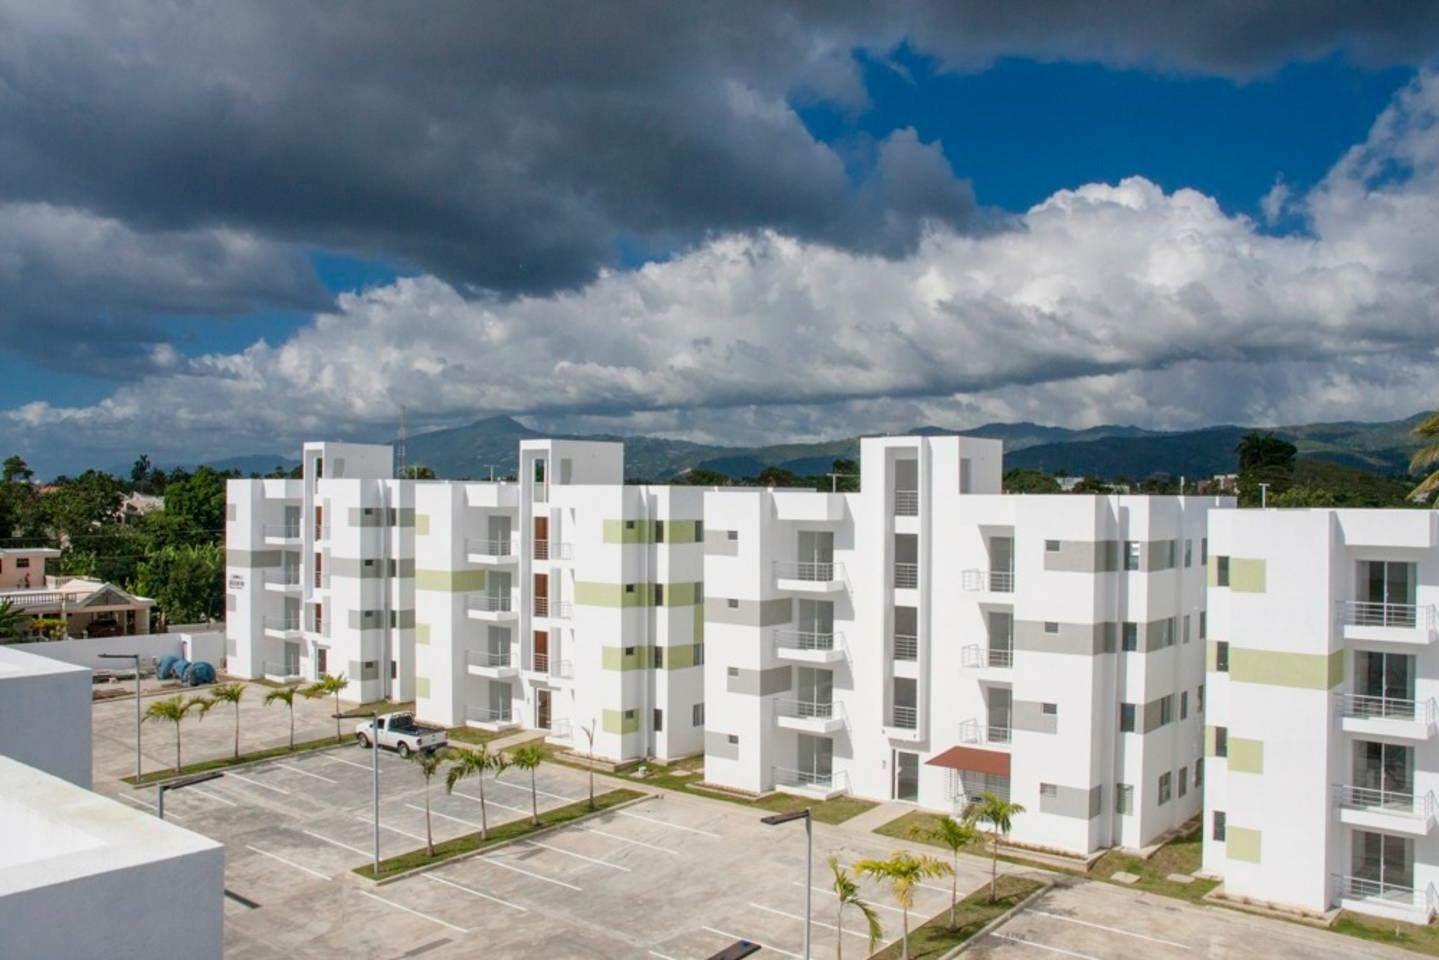 Apartamentos acogedores disponibles para usted, en el Residencial Brisas de Don Pedro con la siguiente distribución: 2 baños, habitación principal con baño incluido, comedor, cocina, 2 habitaciones, piscina, gazebo  seguridad 24 hora, balcón, etc.    Para más información no dudes en contactarnos, en la C/ Genero Perez, Edf-Lovenca III, Apto-D-1 con los Tel: 809-583-3915, También puedes contactarnos en nuestras pagina http://www.ingluislora.com.do/.